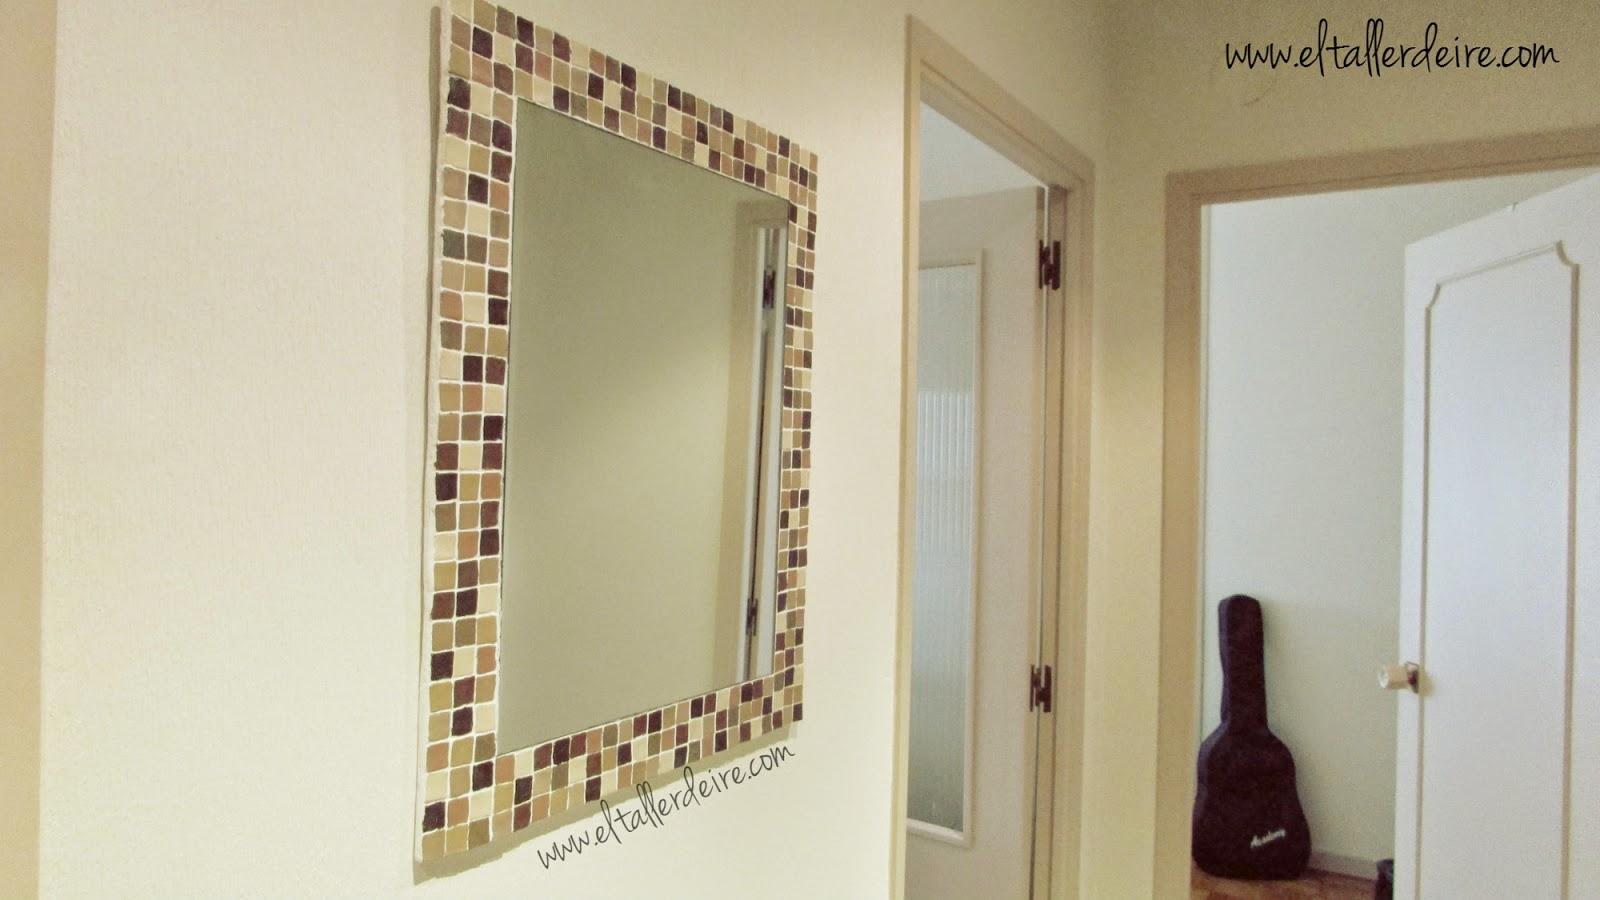 C mo hacer un marco grande con mosaico el taller de ire - Hacer marco espejo ...